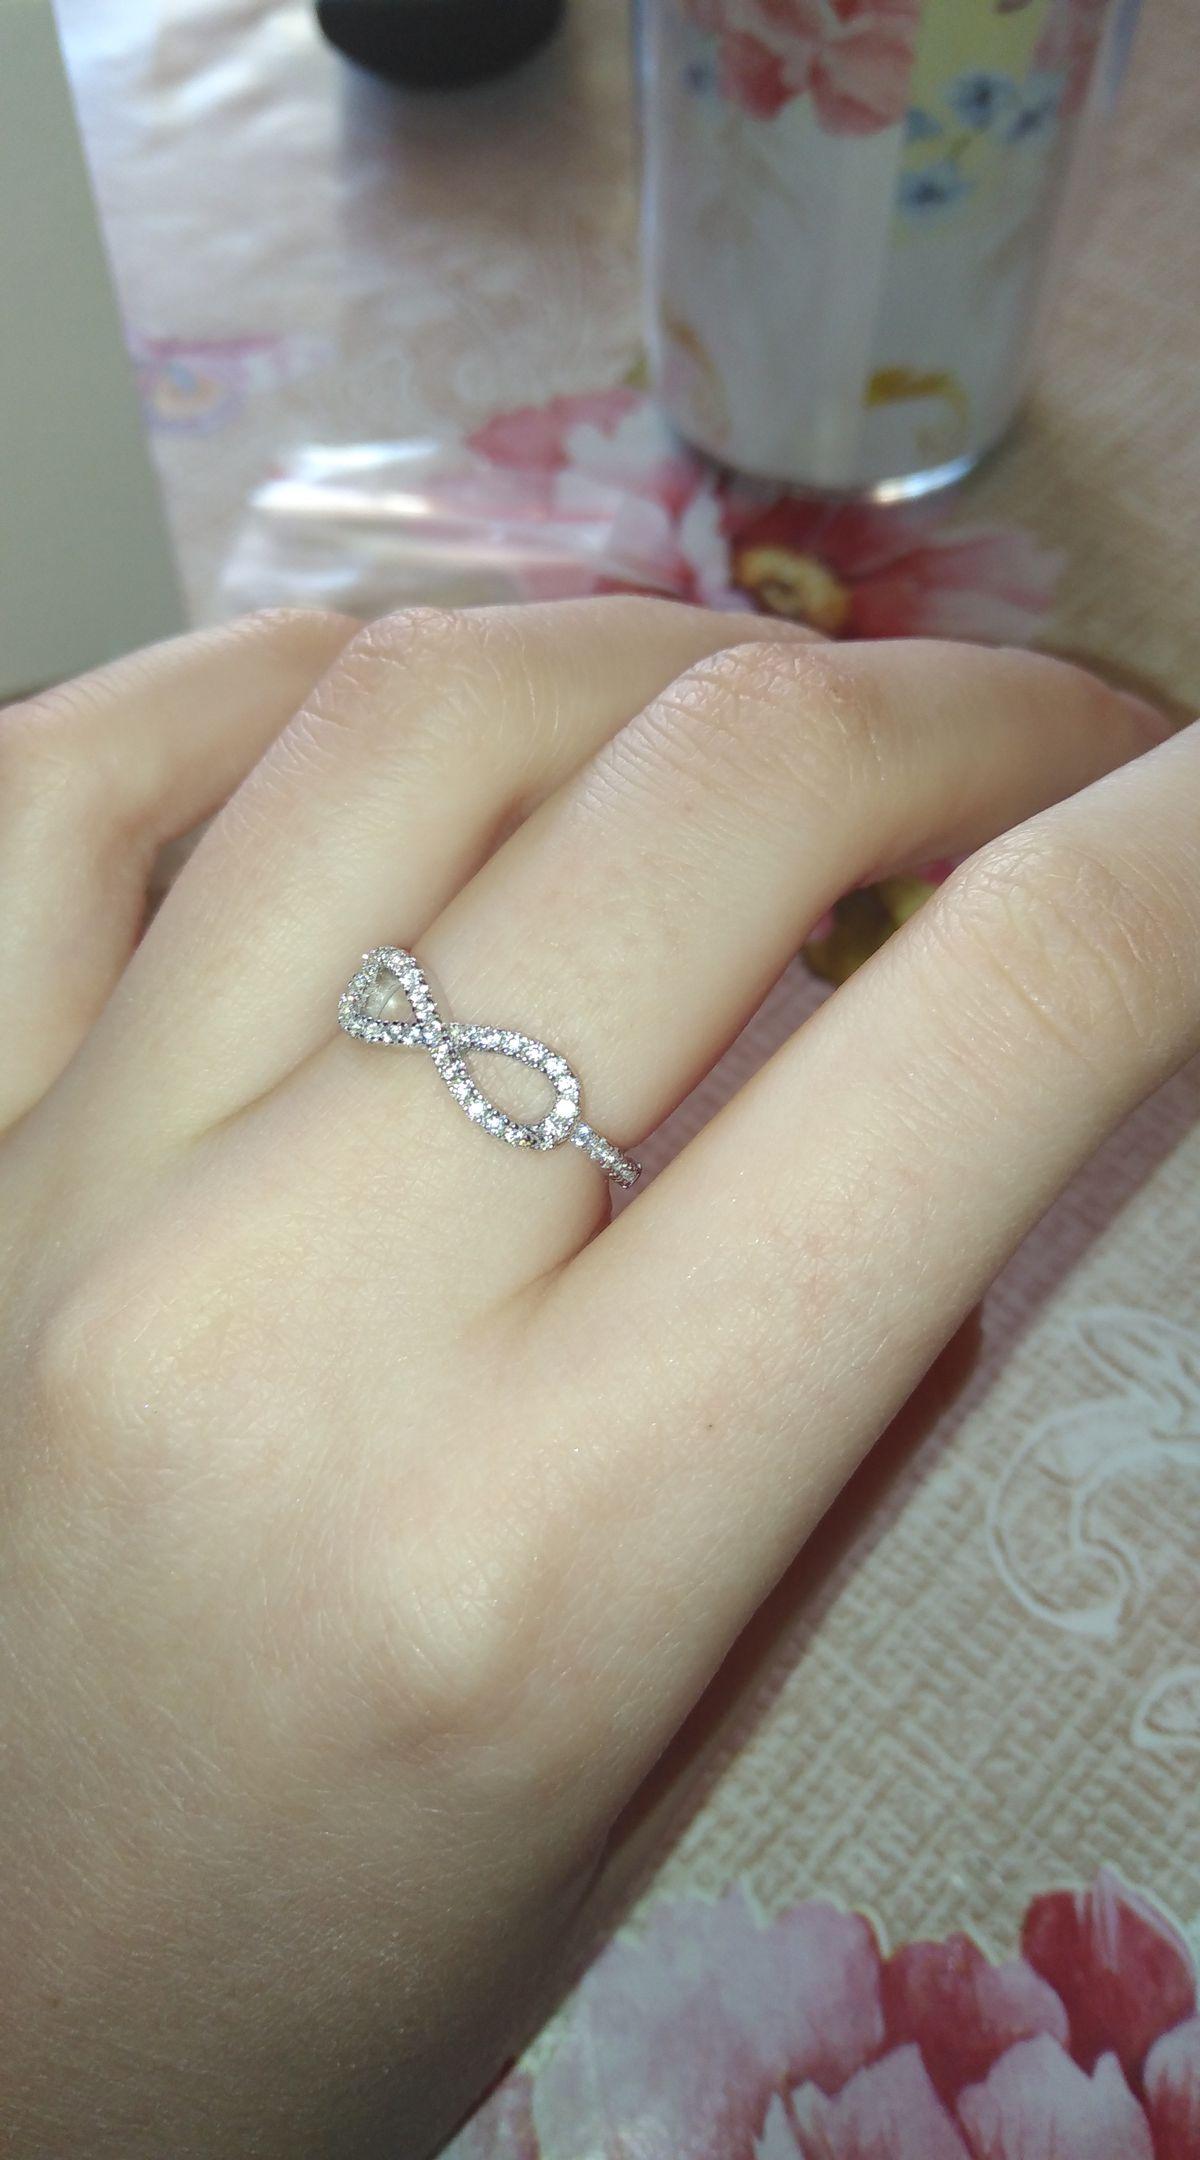 Совершенно замечательное кольцо